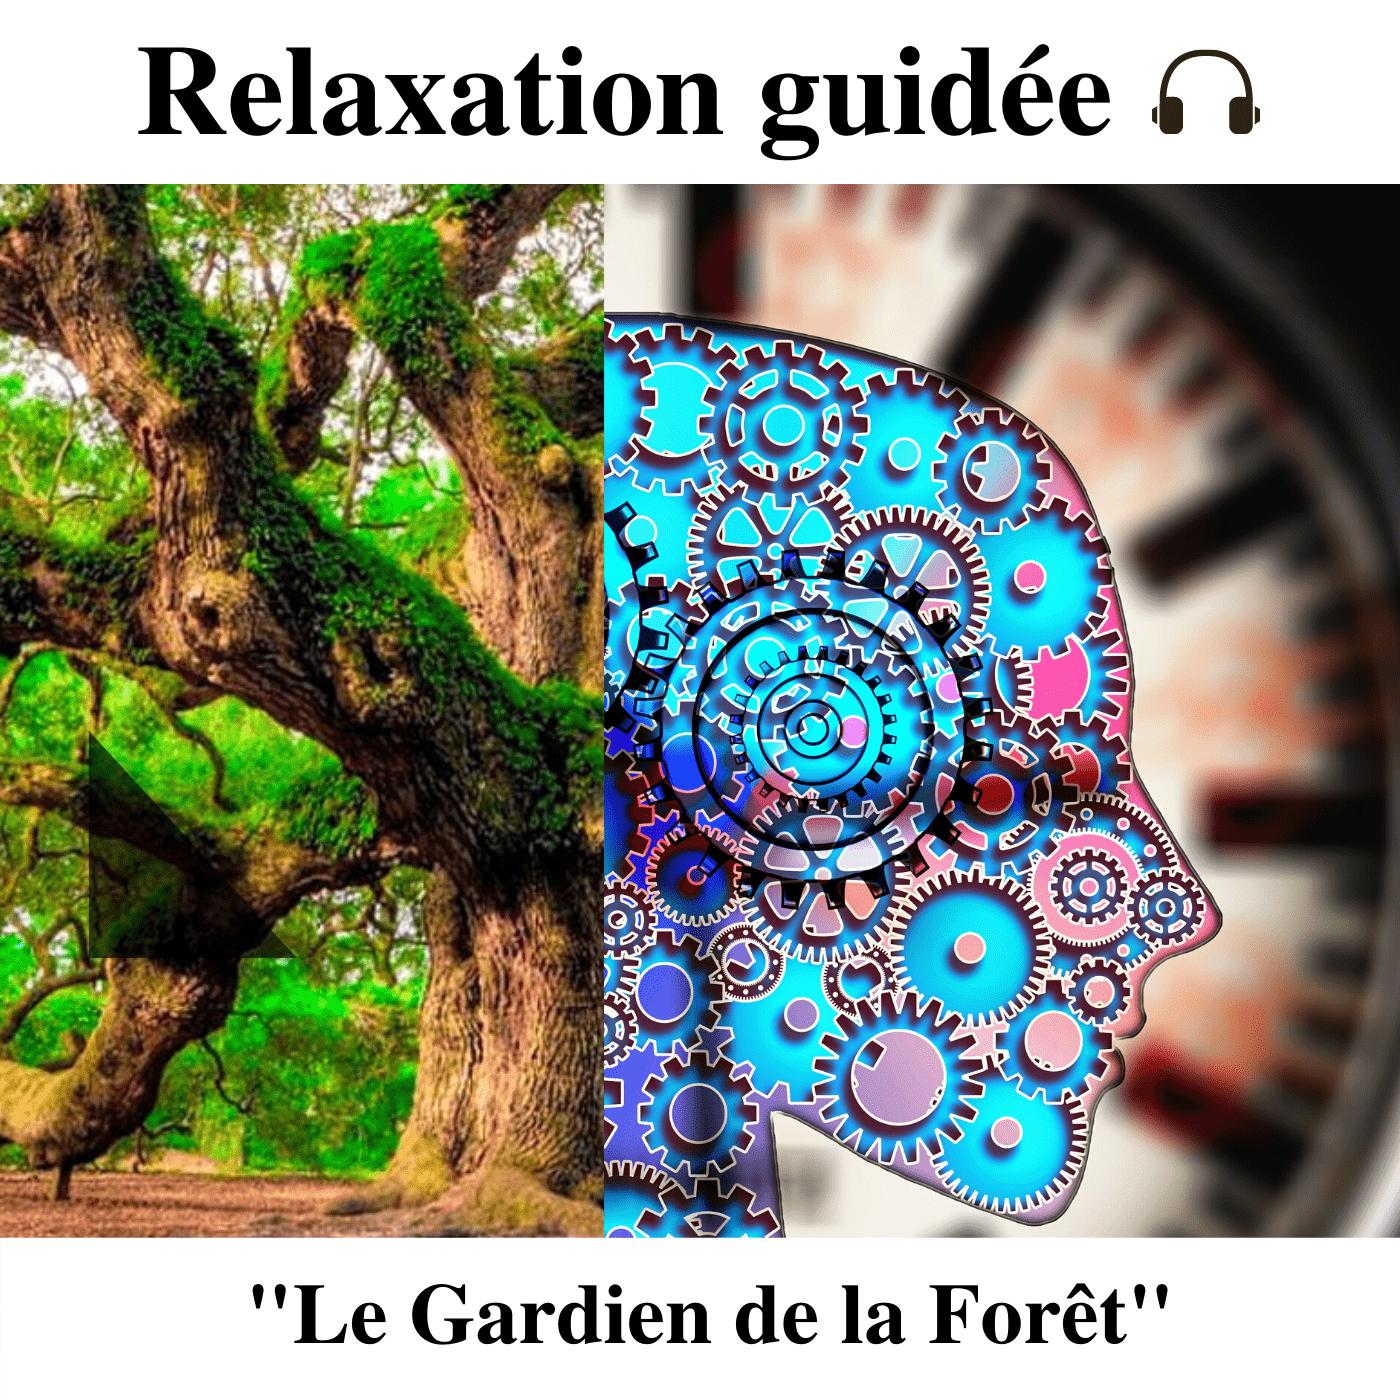 Relaxation guidée - Le Gardien de la Forêt